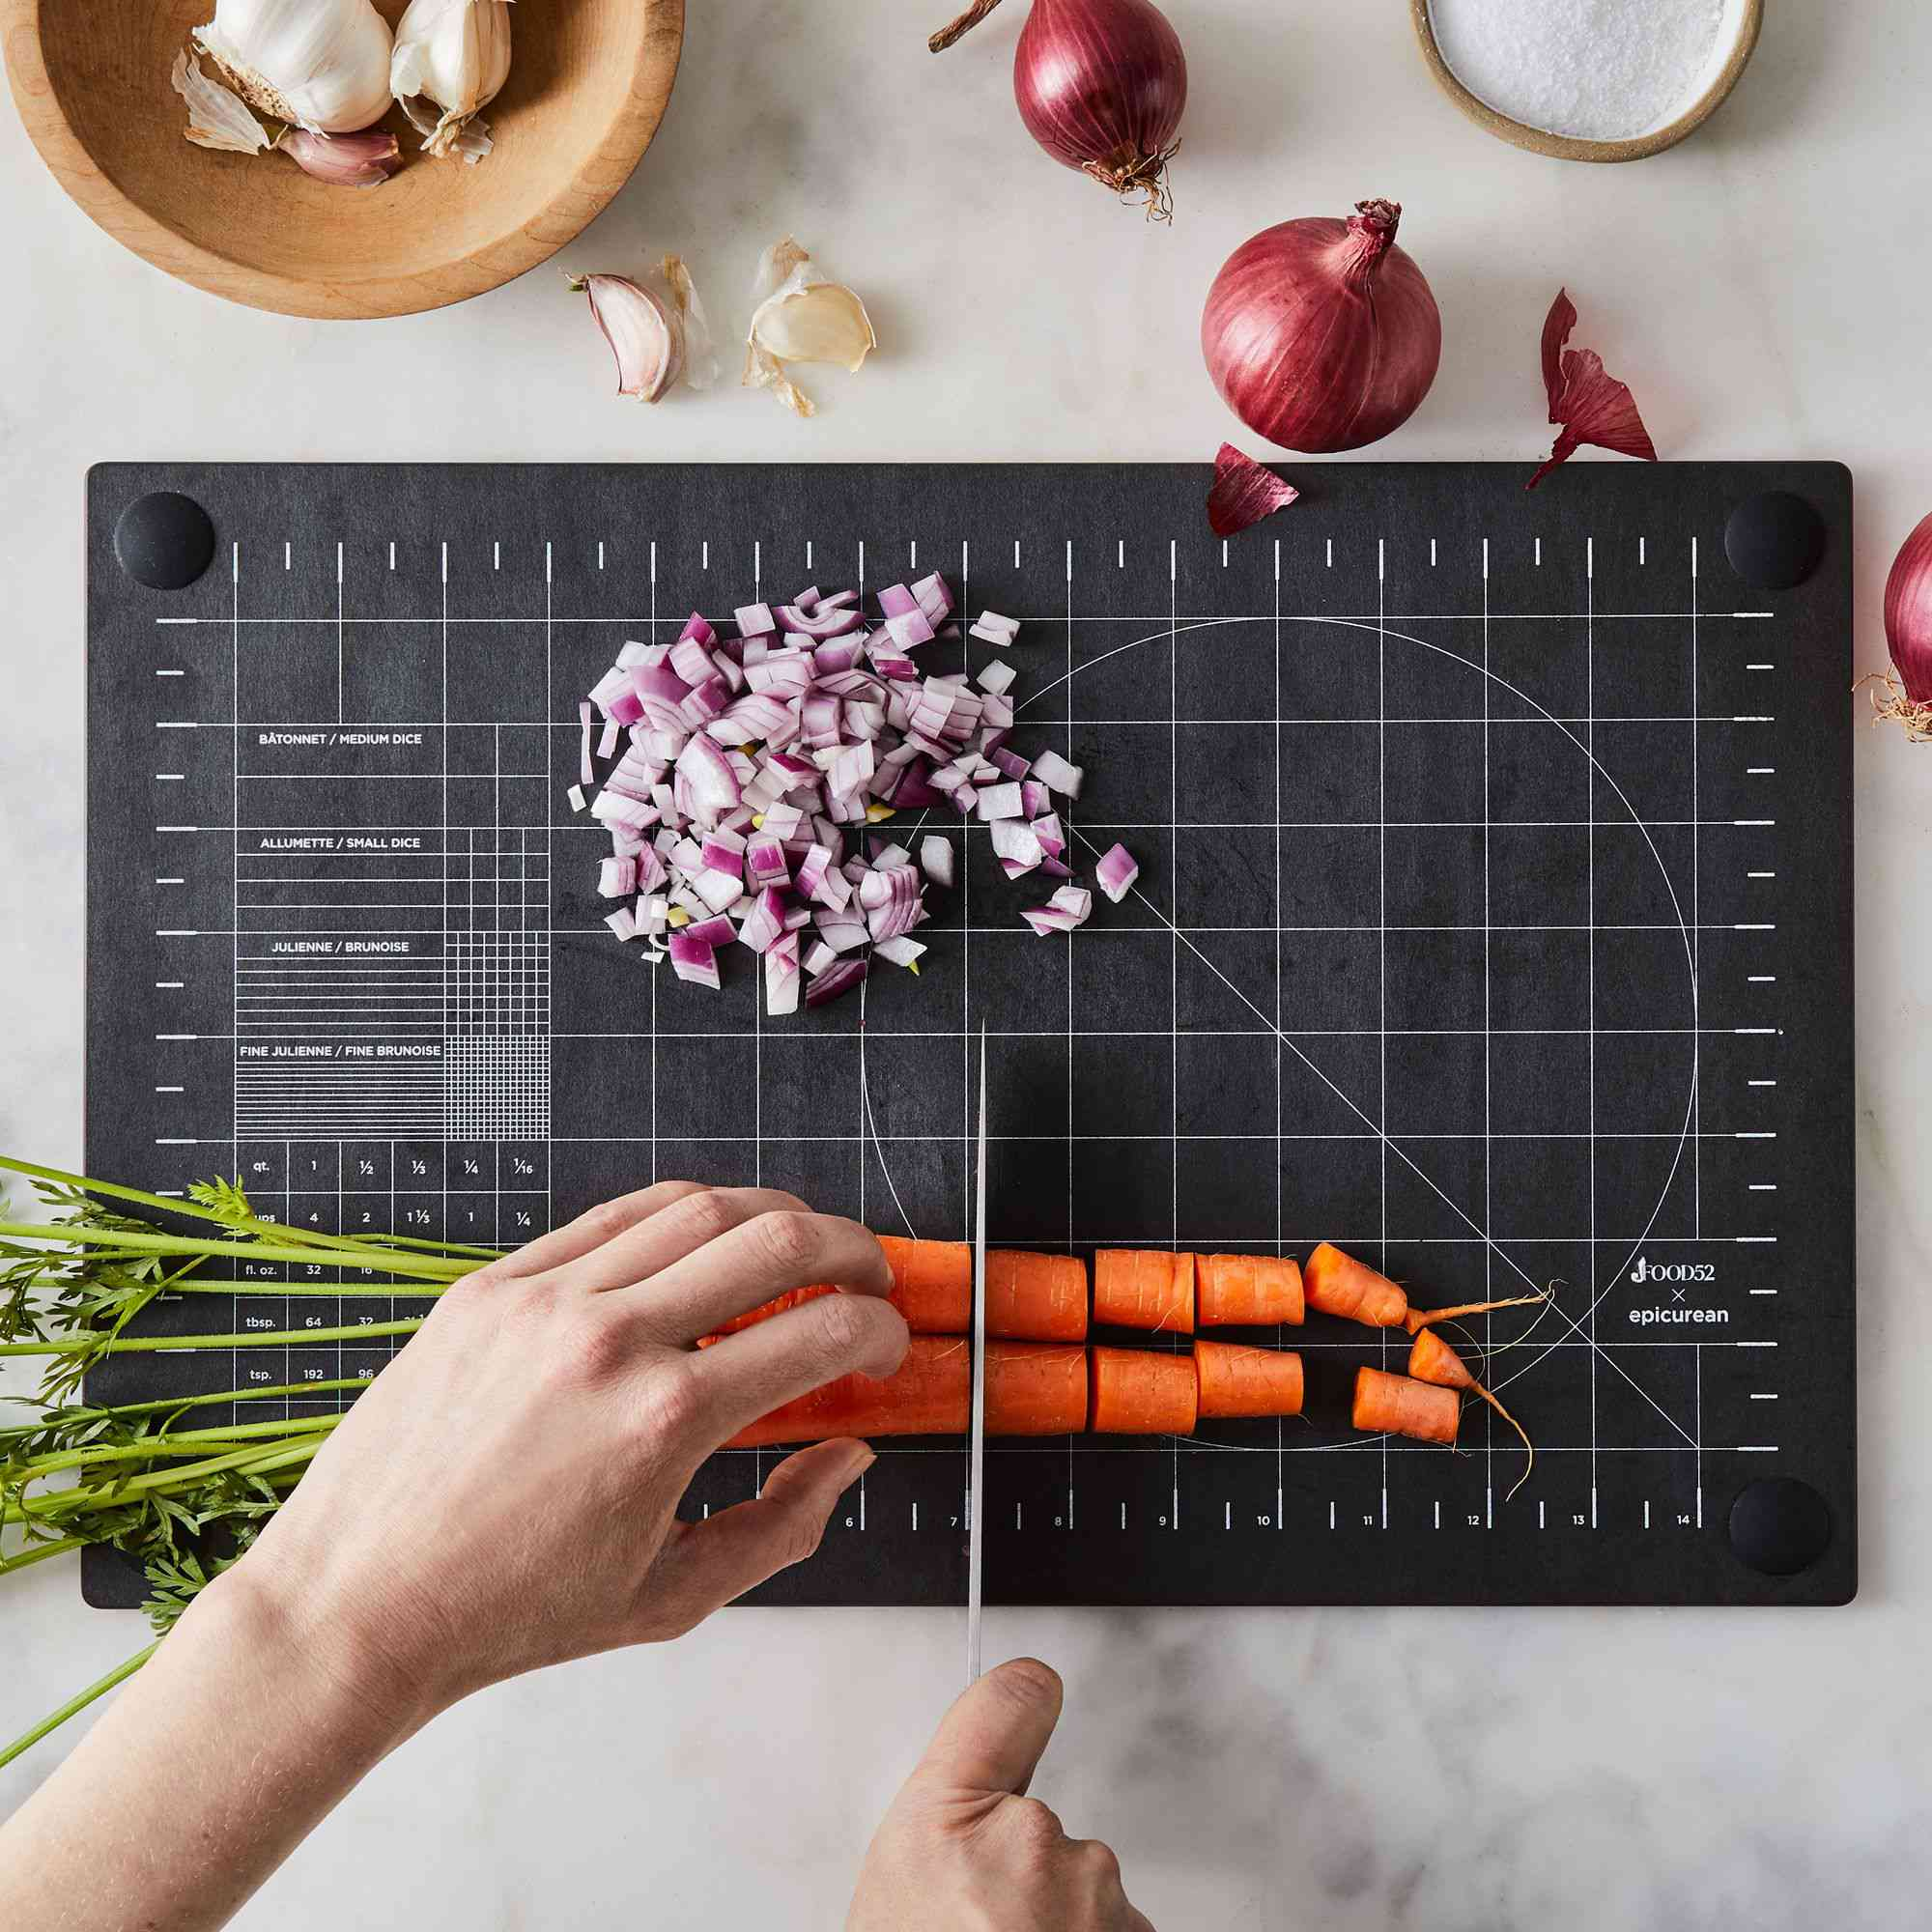 Food52 x Epicurean Precision Cutting Board